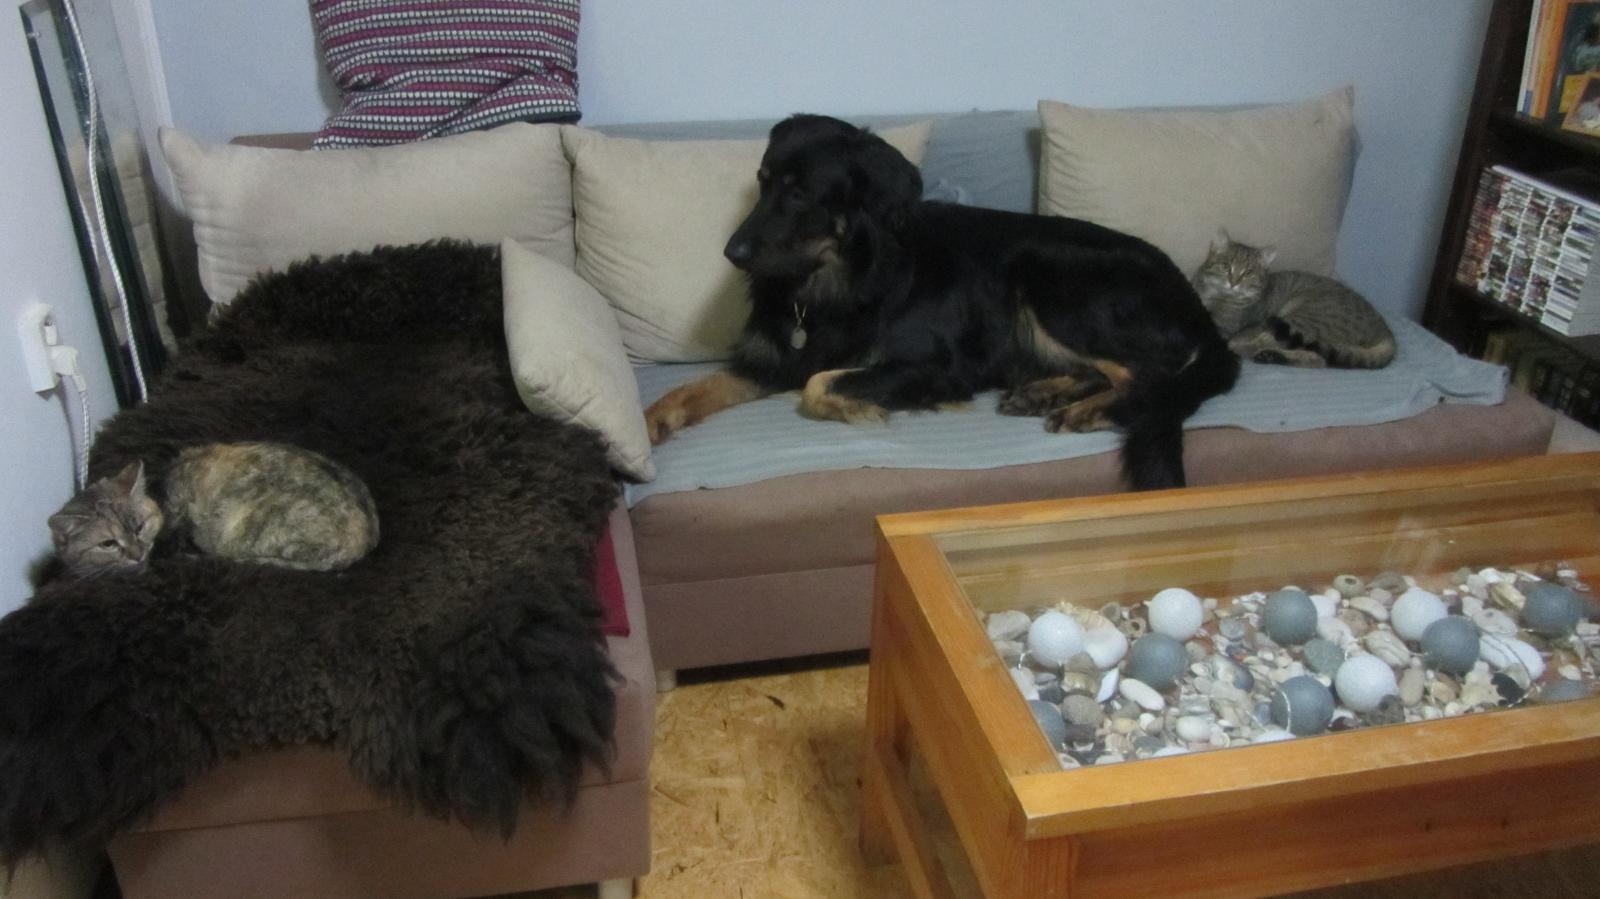 Pokojíček ze skladiště :-) - Pokojíček okupuje nejen pes Puck ale i kocour Fernet a kočka Whisky